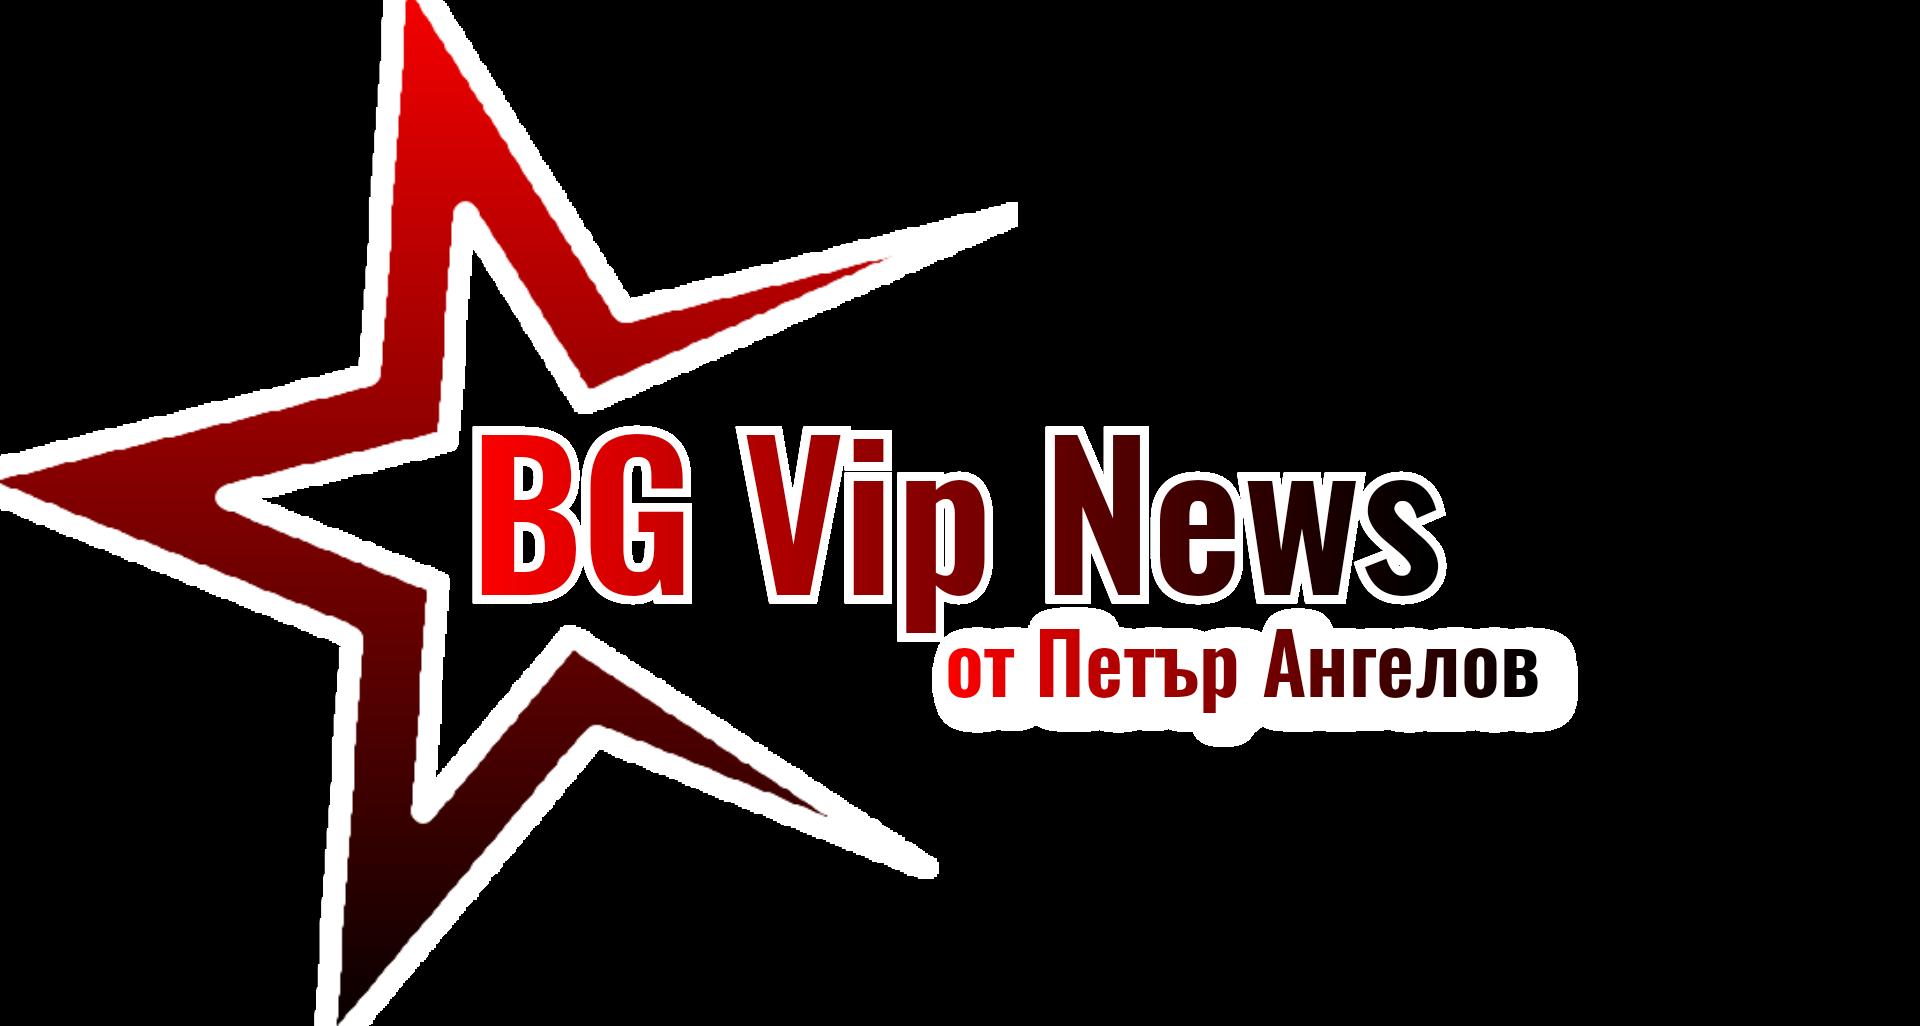 BG Vip News